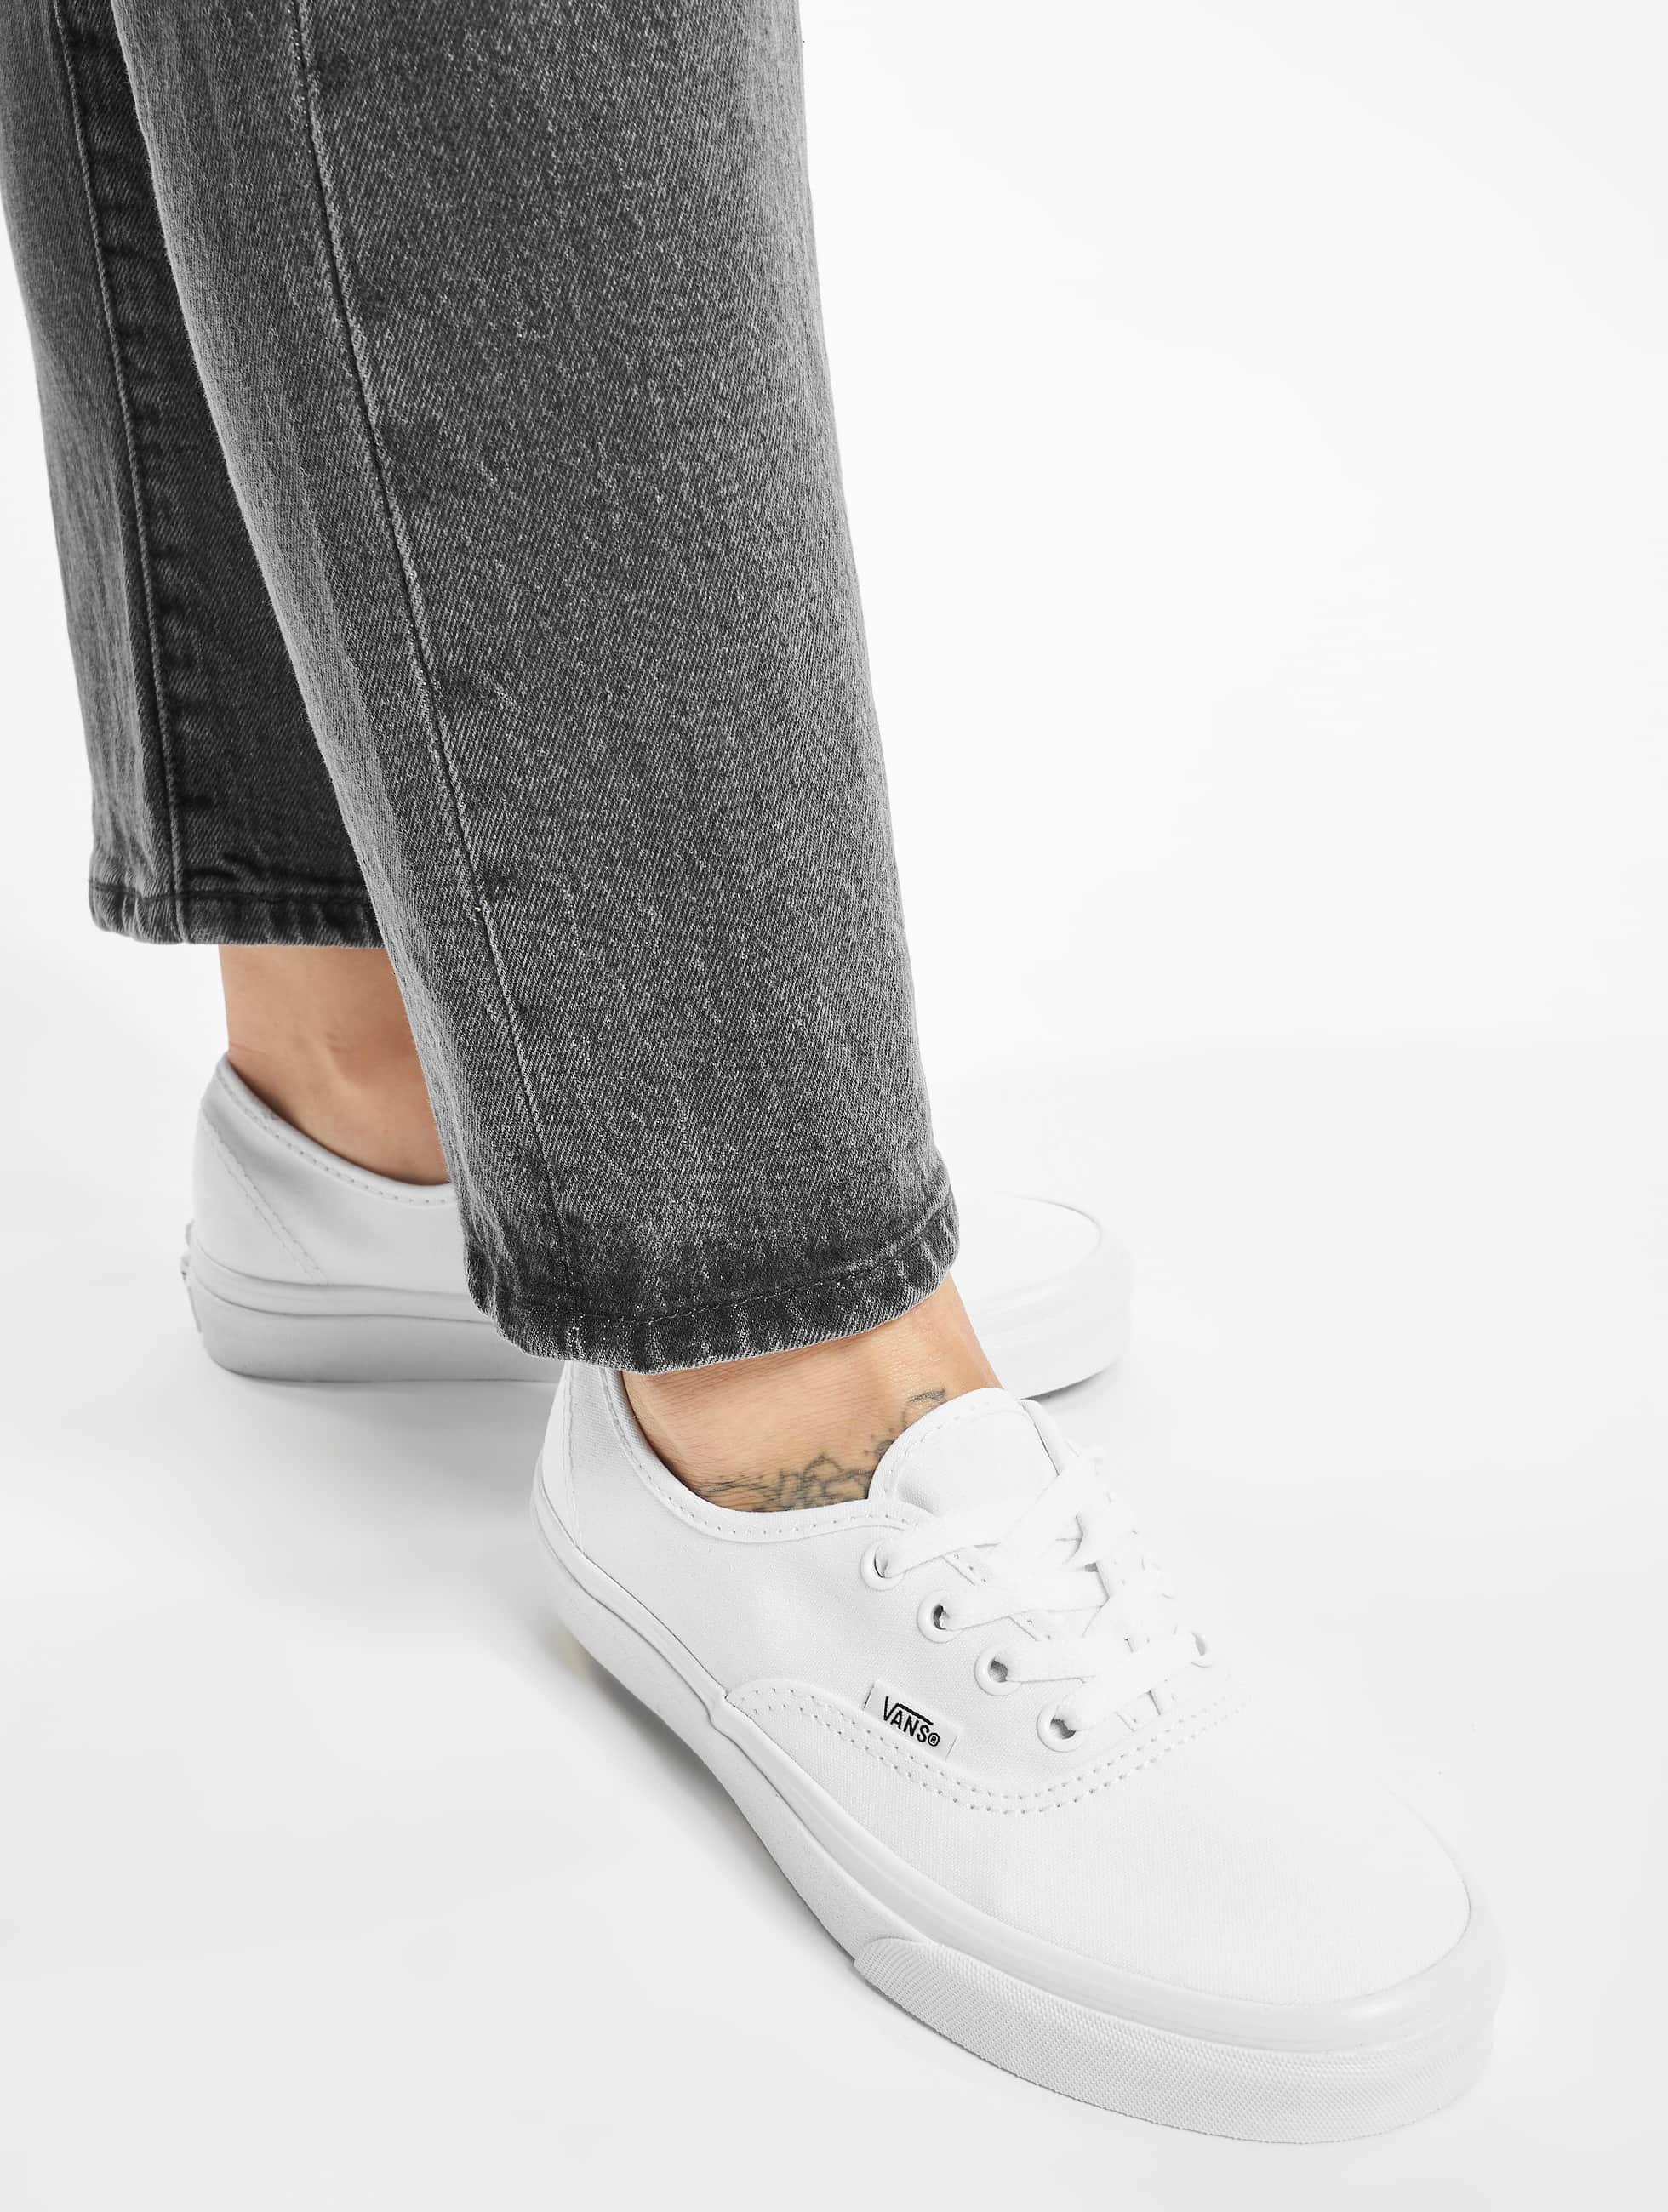 Vans Chaussures / Baskets Authentic en blanc